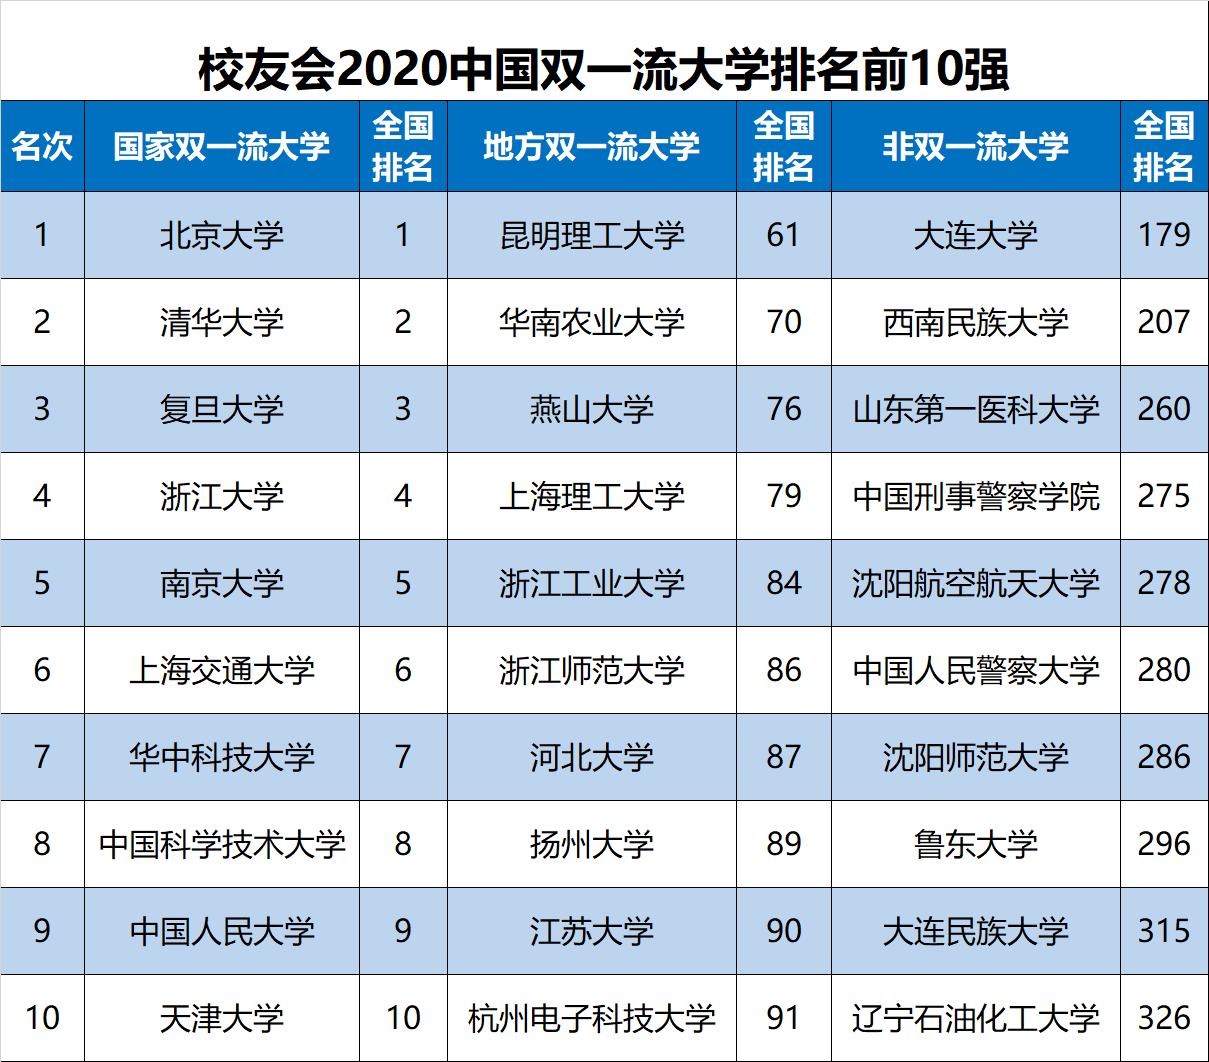 2020年校友会中国双一流大学排名前10强